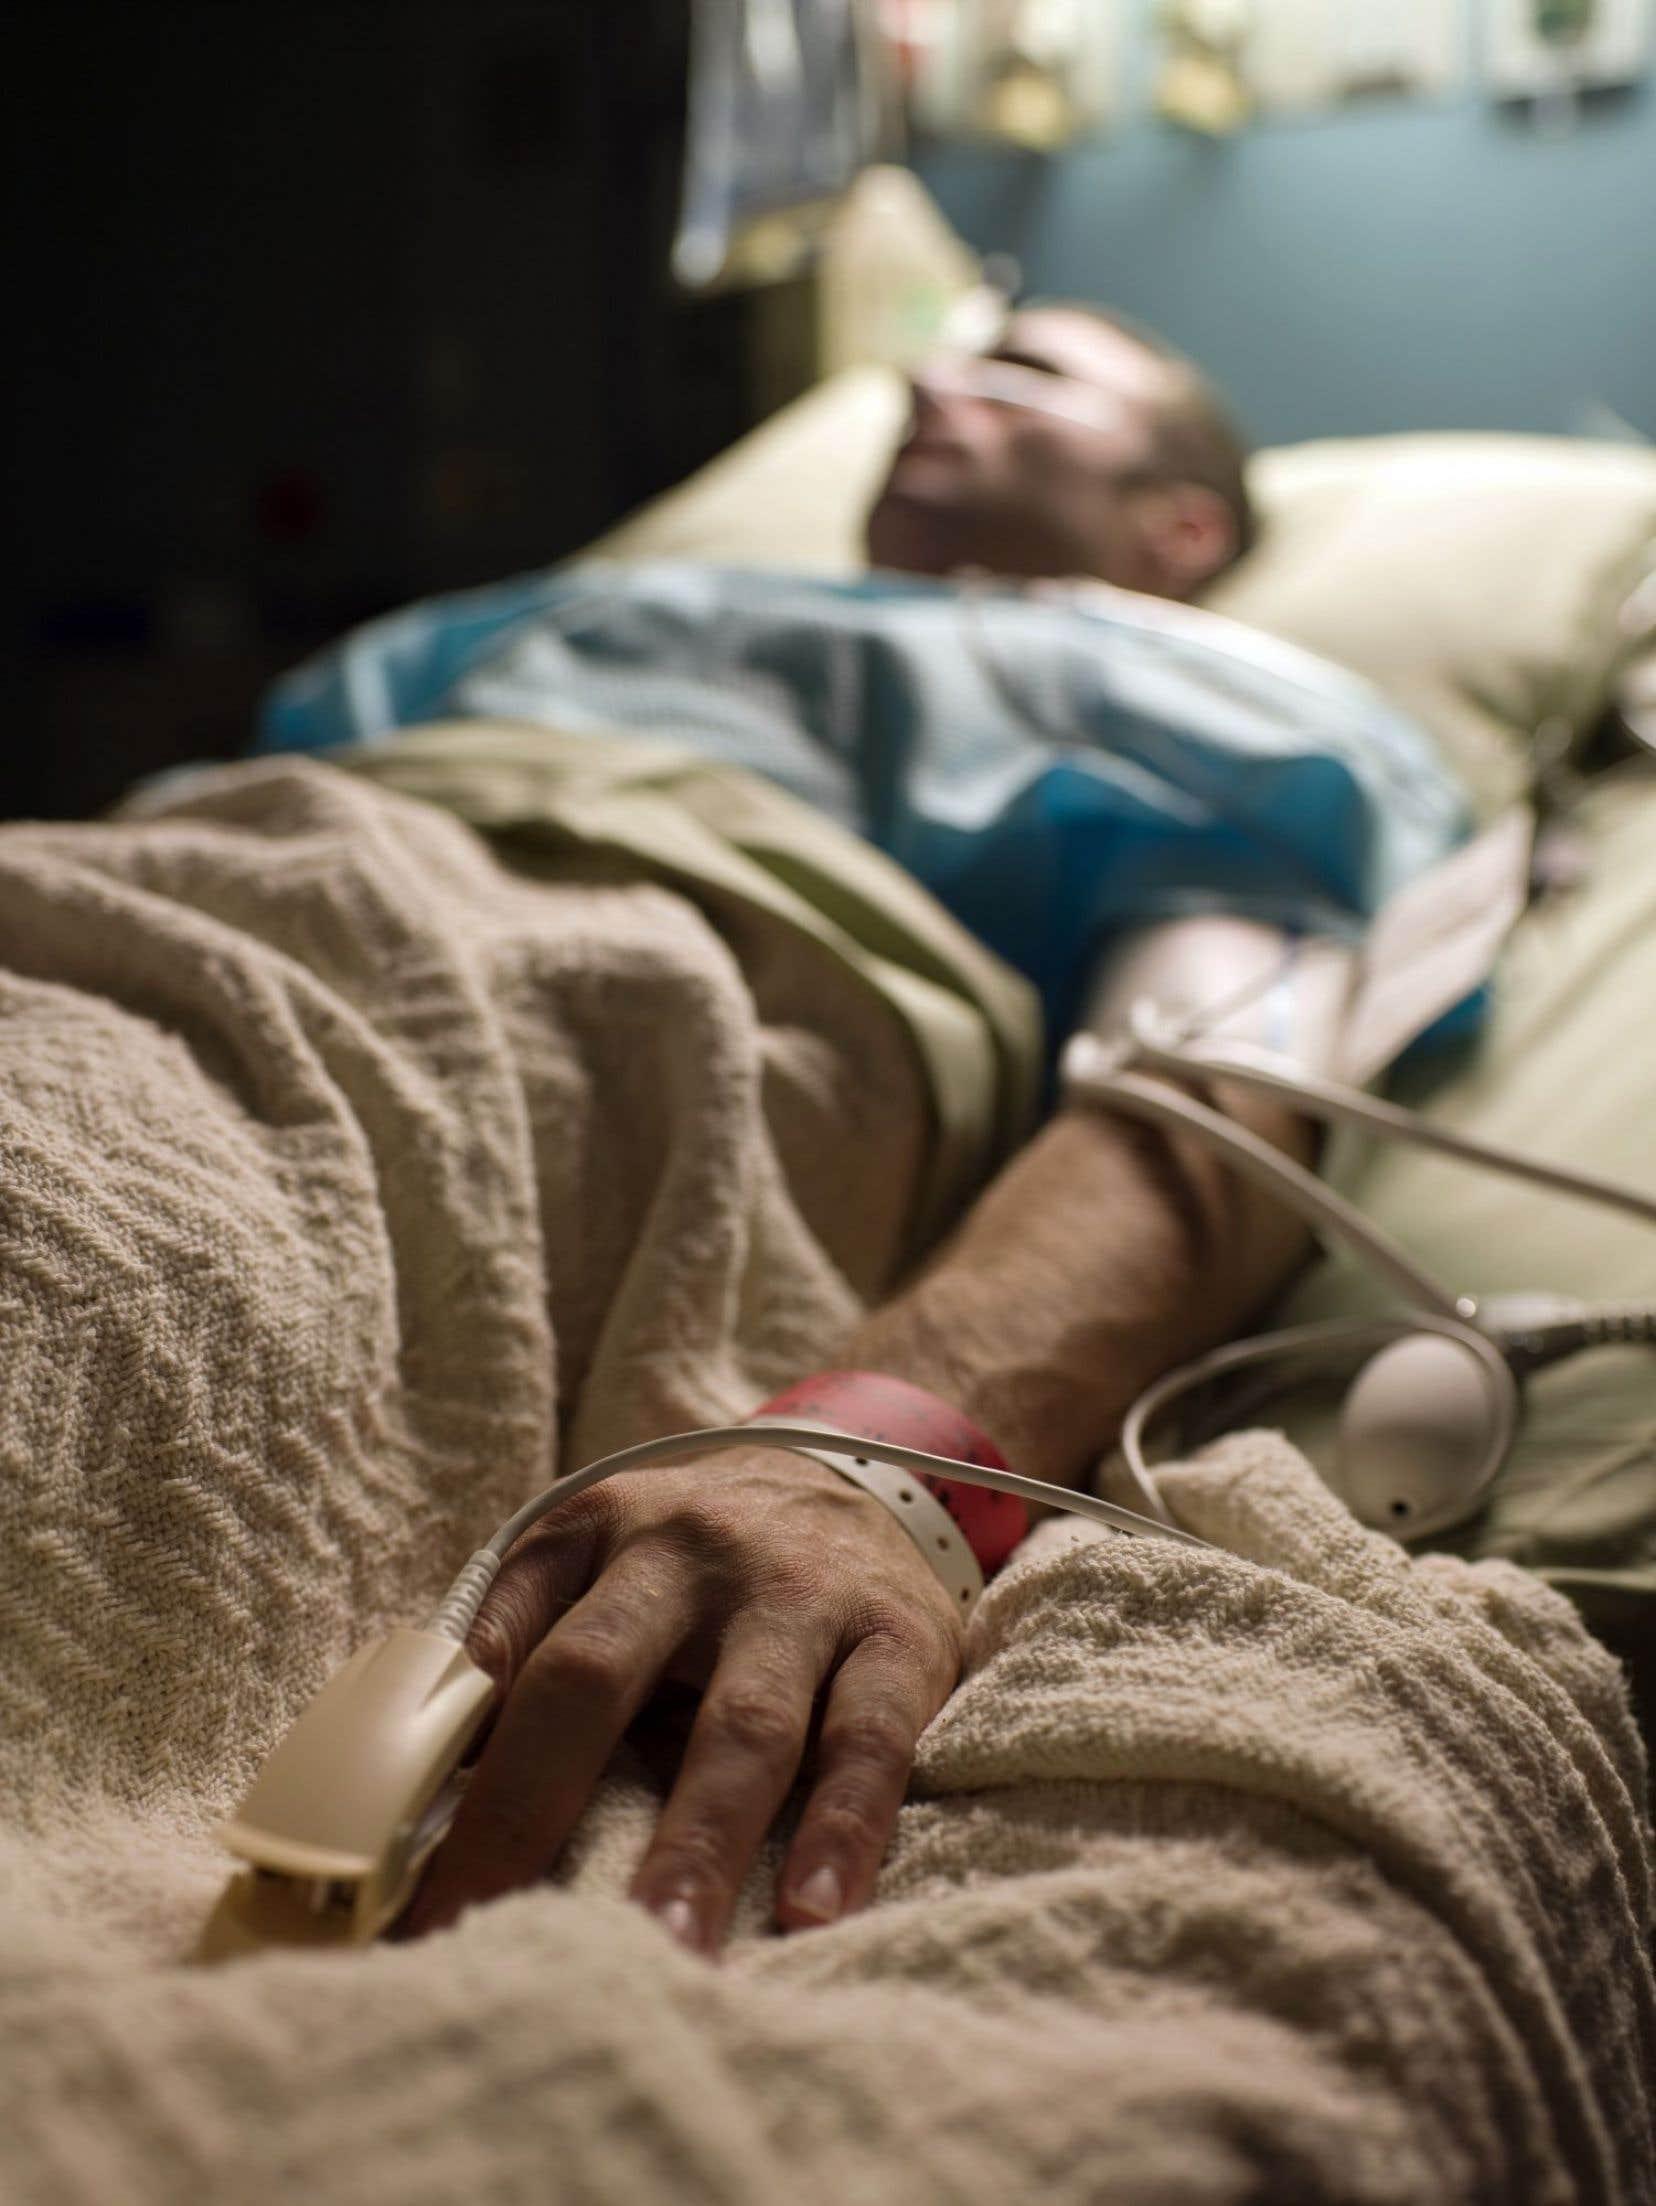 L'aide médicale à mourir n'a fait l'objet d'aucune question aux Communes de la part des partis officiels depuis que la Cour suprême a rendu son jugement historique, il y a 12 jours.